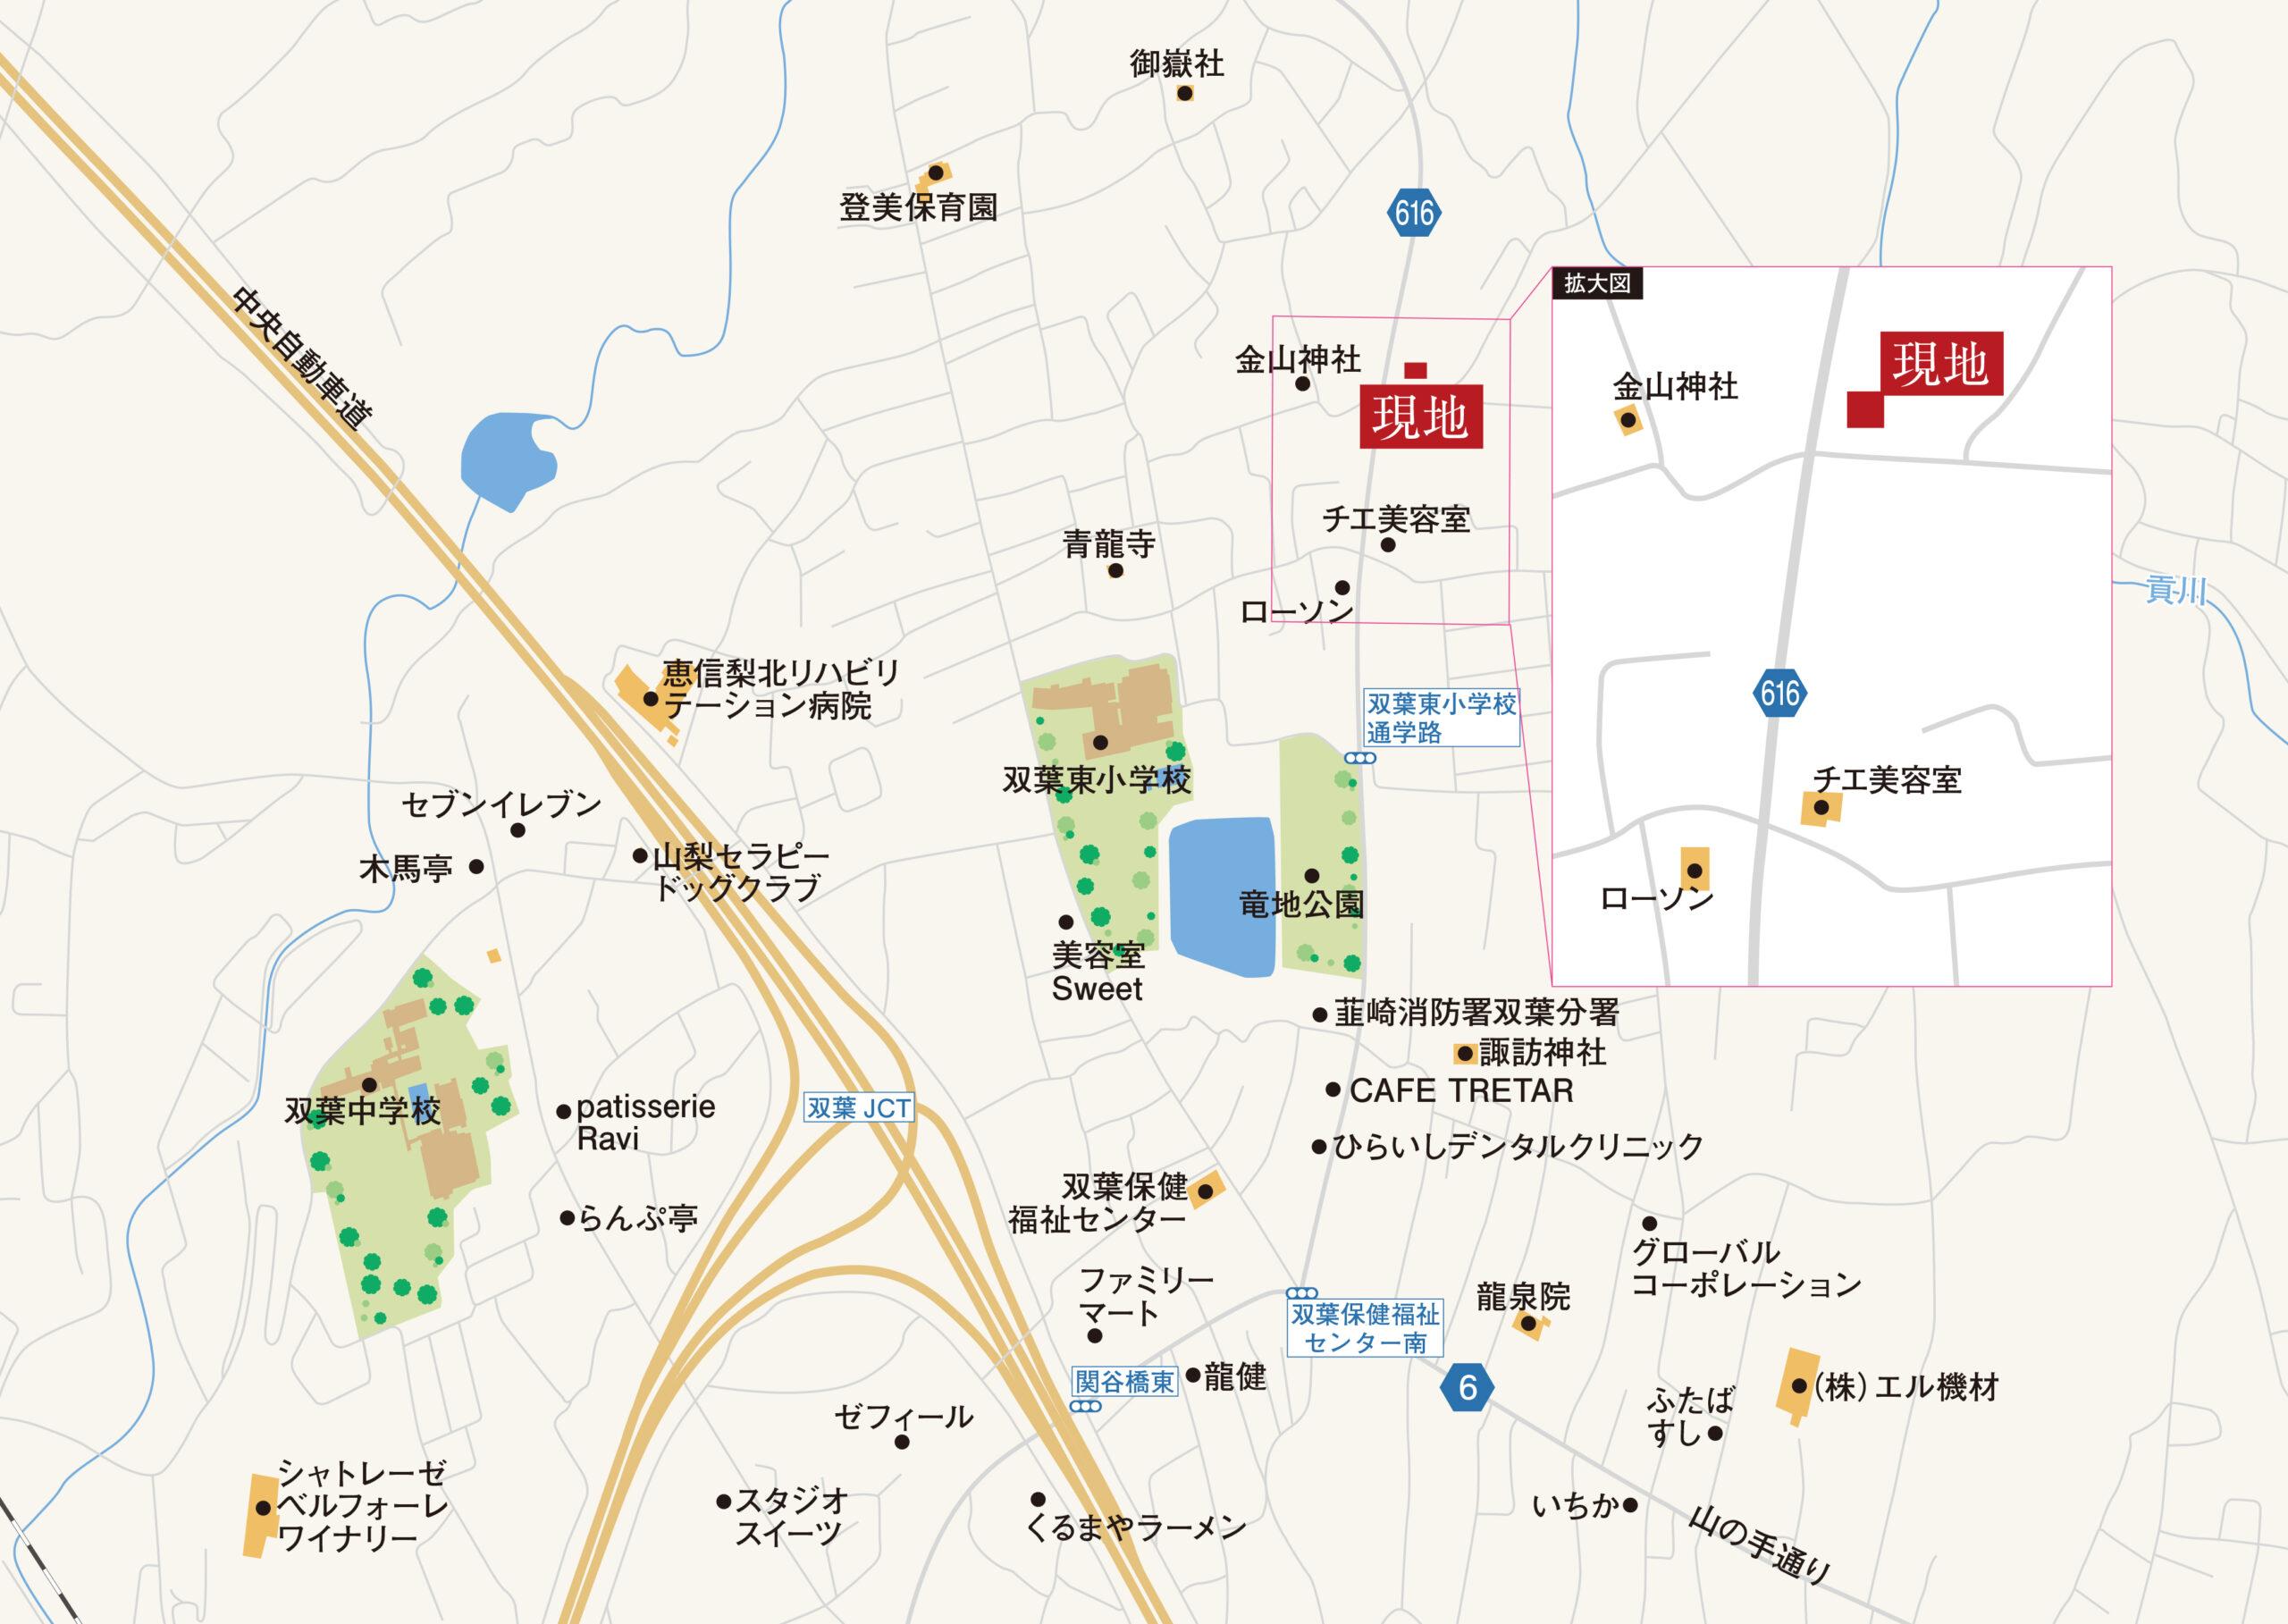 甲斐市大垈D 地図